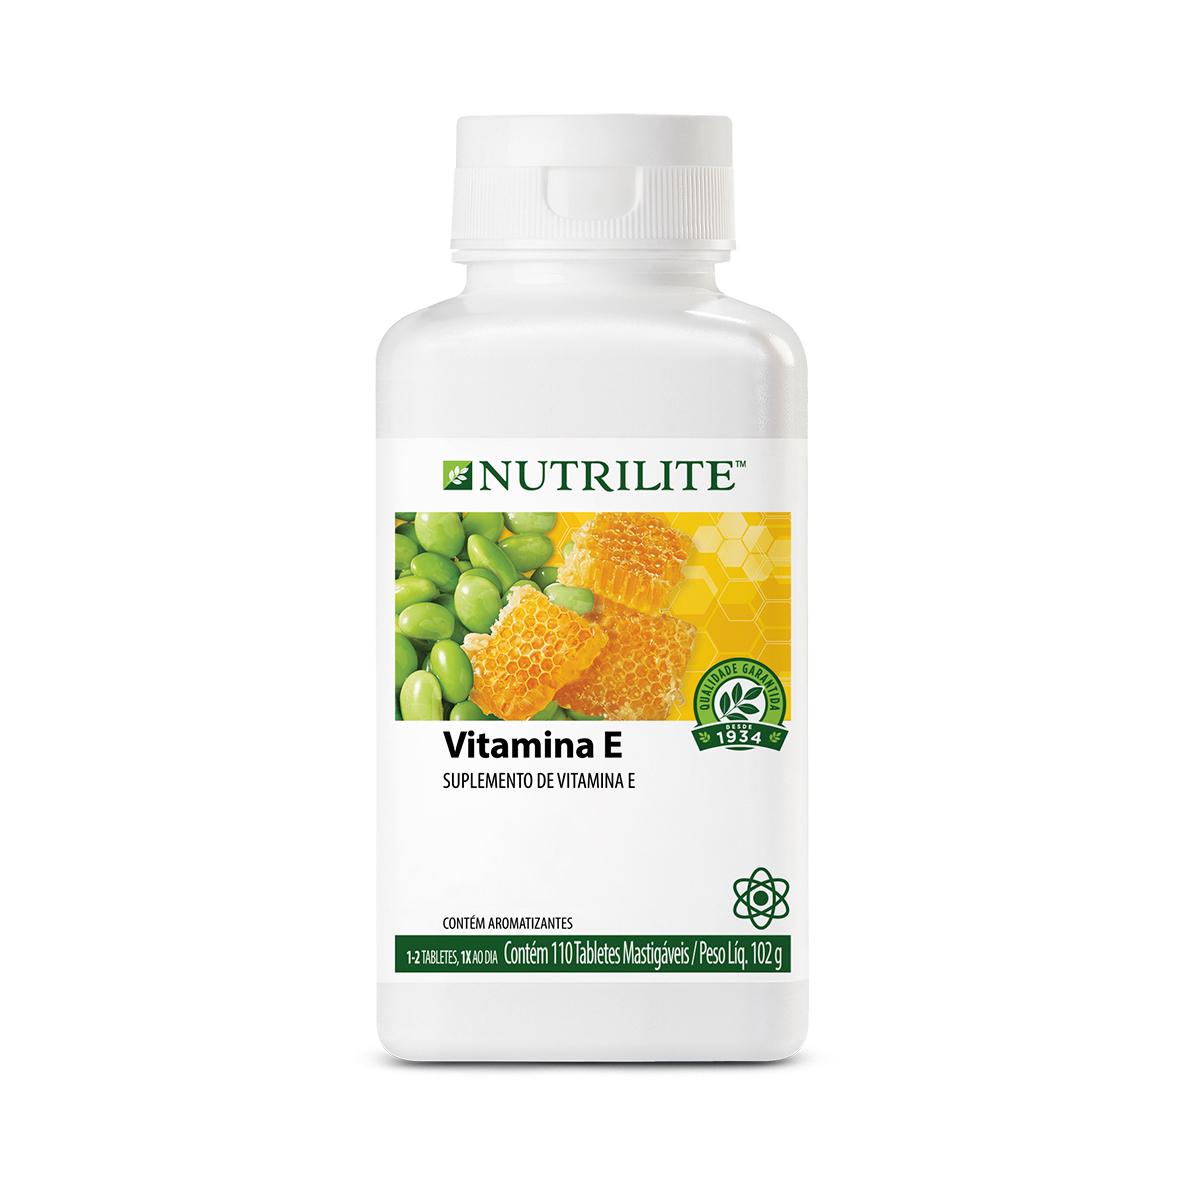 Suplemento de Vitamina E - Nutrilite